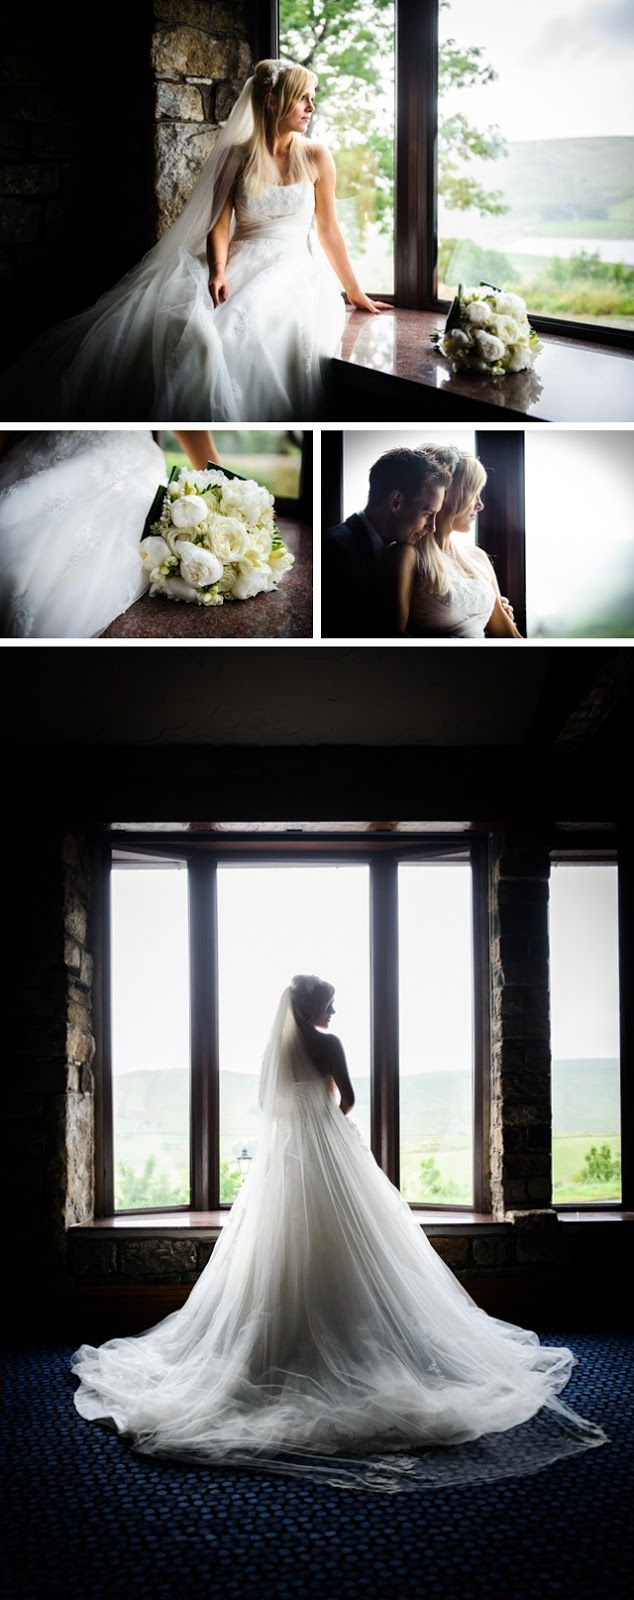 488326f3f4c4942ed03769019a0b2d2c - Marketing Ideen für Hochzeitsfotografen im Winter 2018